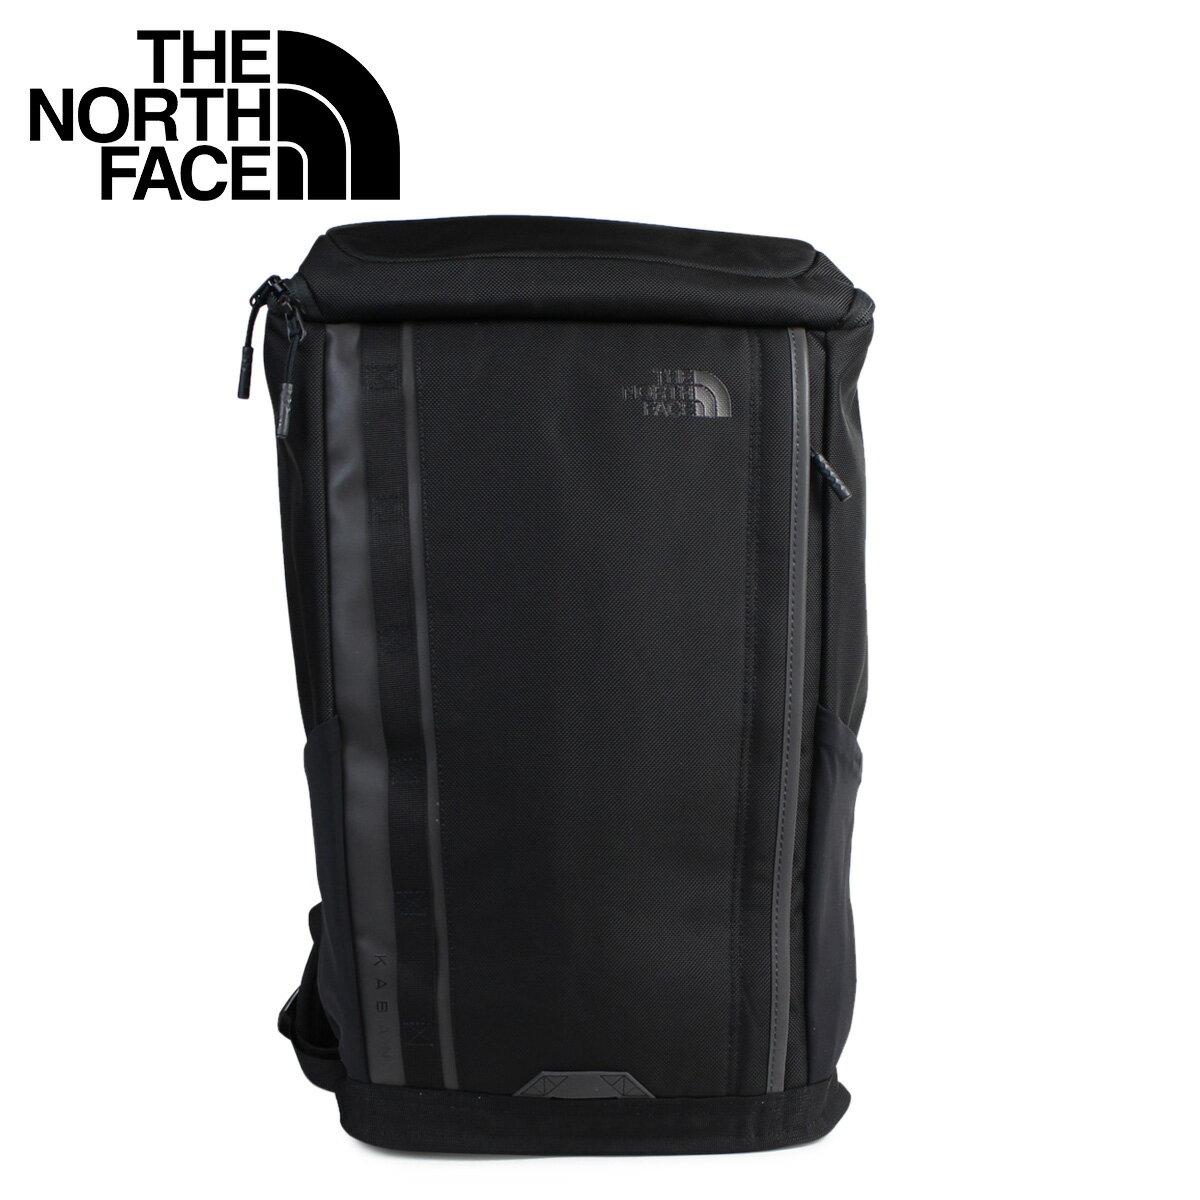 THE NORTH FACE KABAN リュック ノースフェイス メンズ レディース バックパック NF00C092 ブラック [1/16 追加入荷] [181]